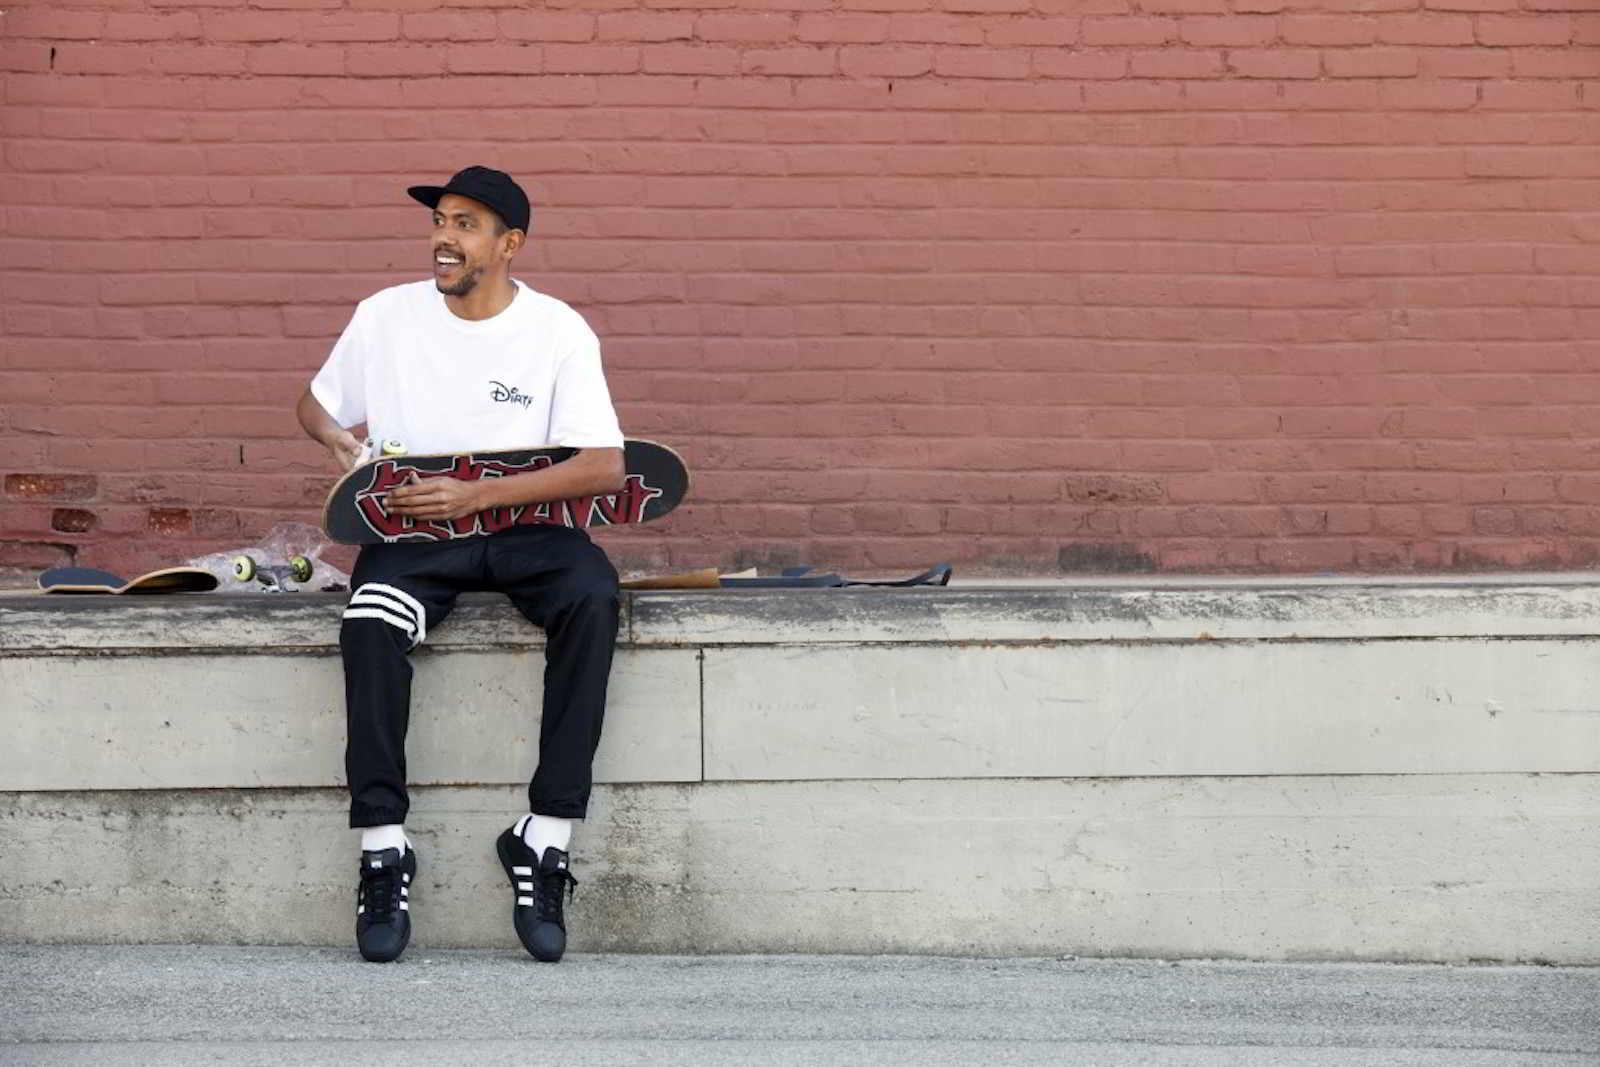 streetwear brasil dgk adidas skateboarding 2016 01 - Anos 90 são referências para coleção Primavera da Obey